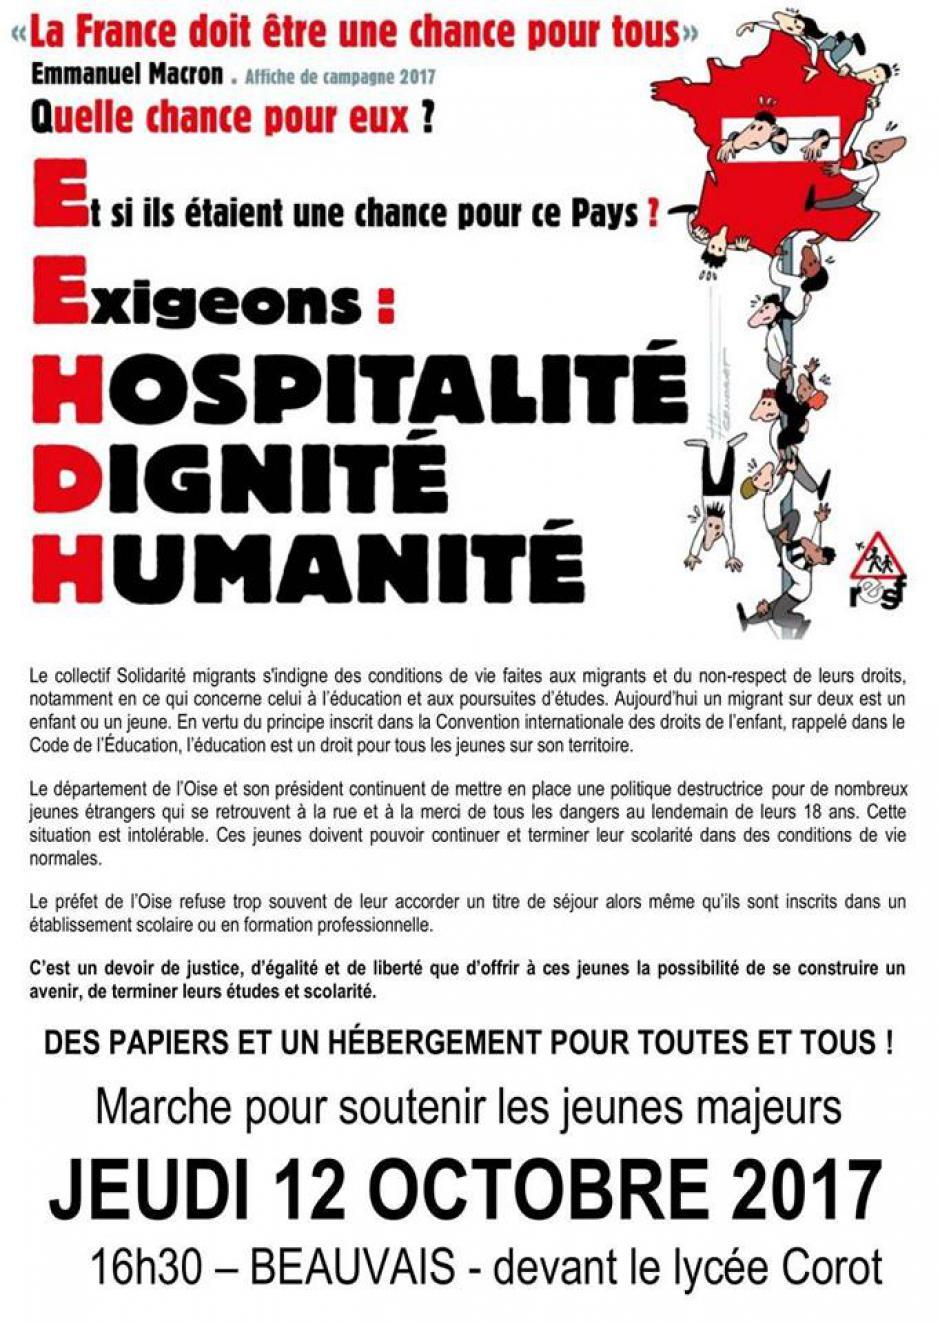 12 octobre, Beauvais - Solidarité Migrants Oise-Marche pour soutenir les jeunes majeurs étrangers